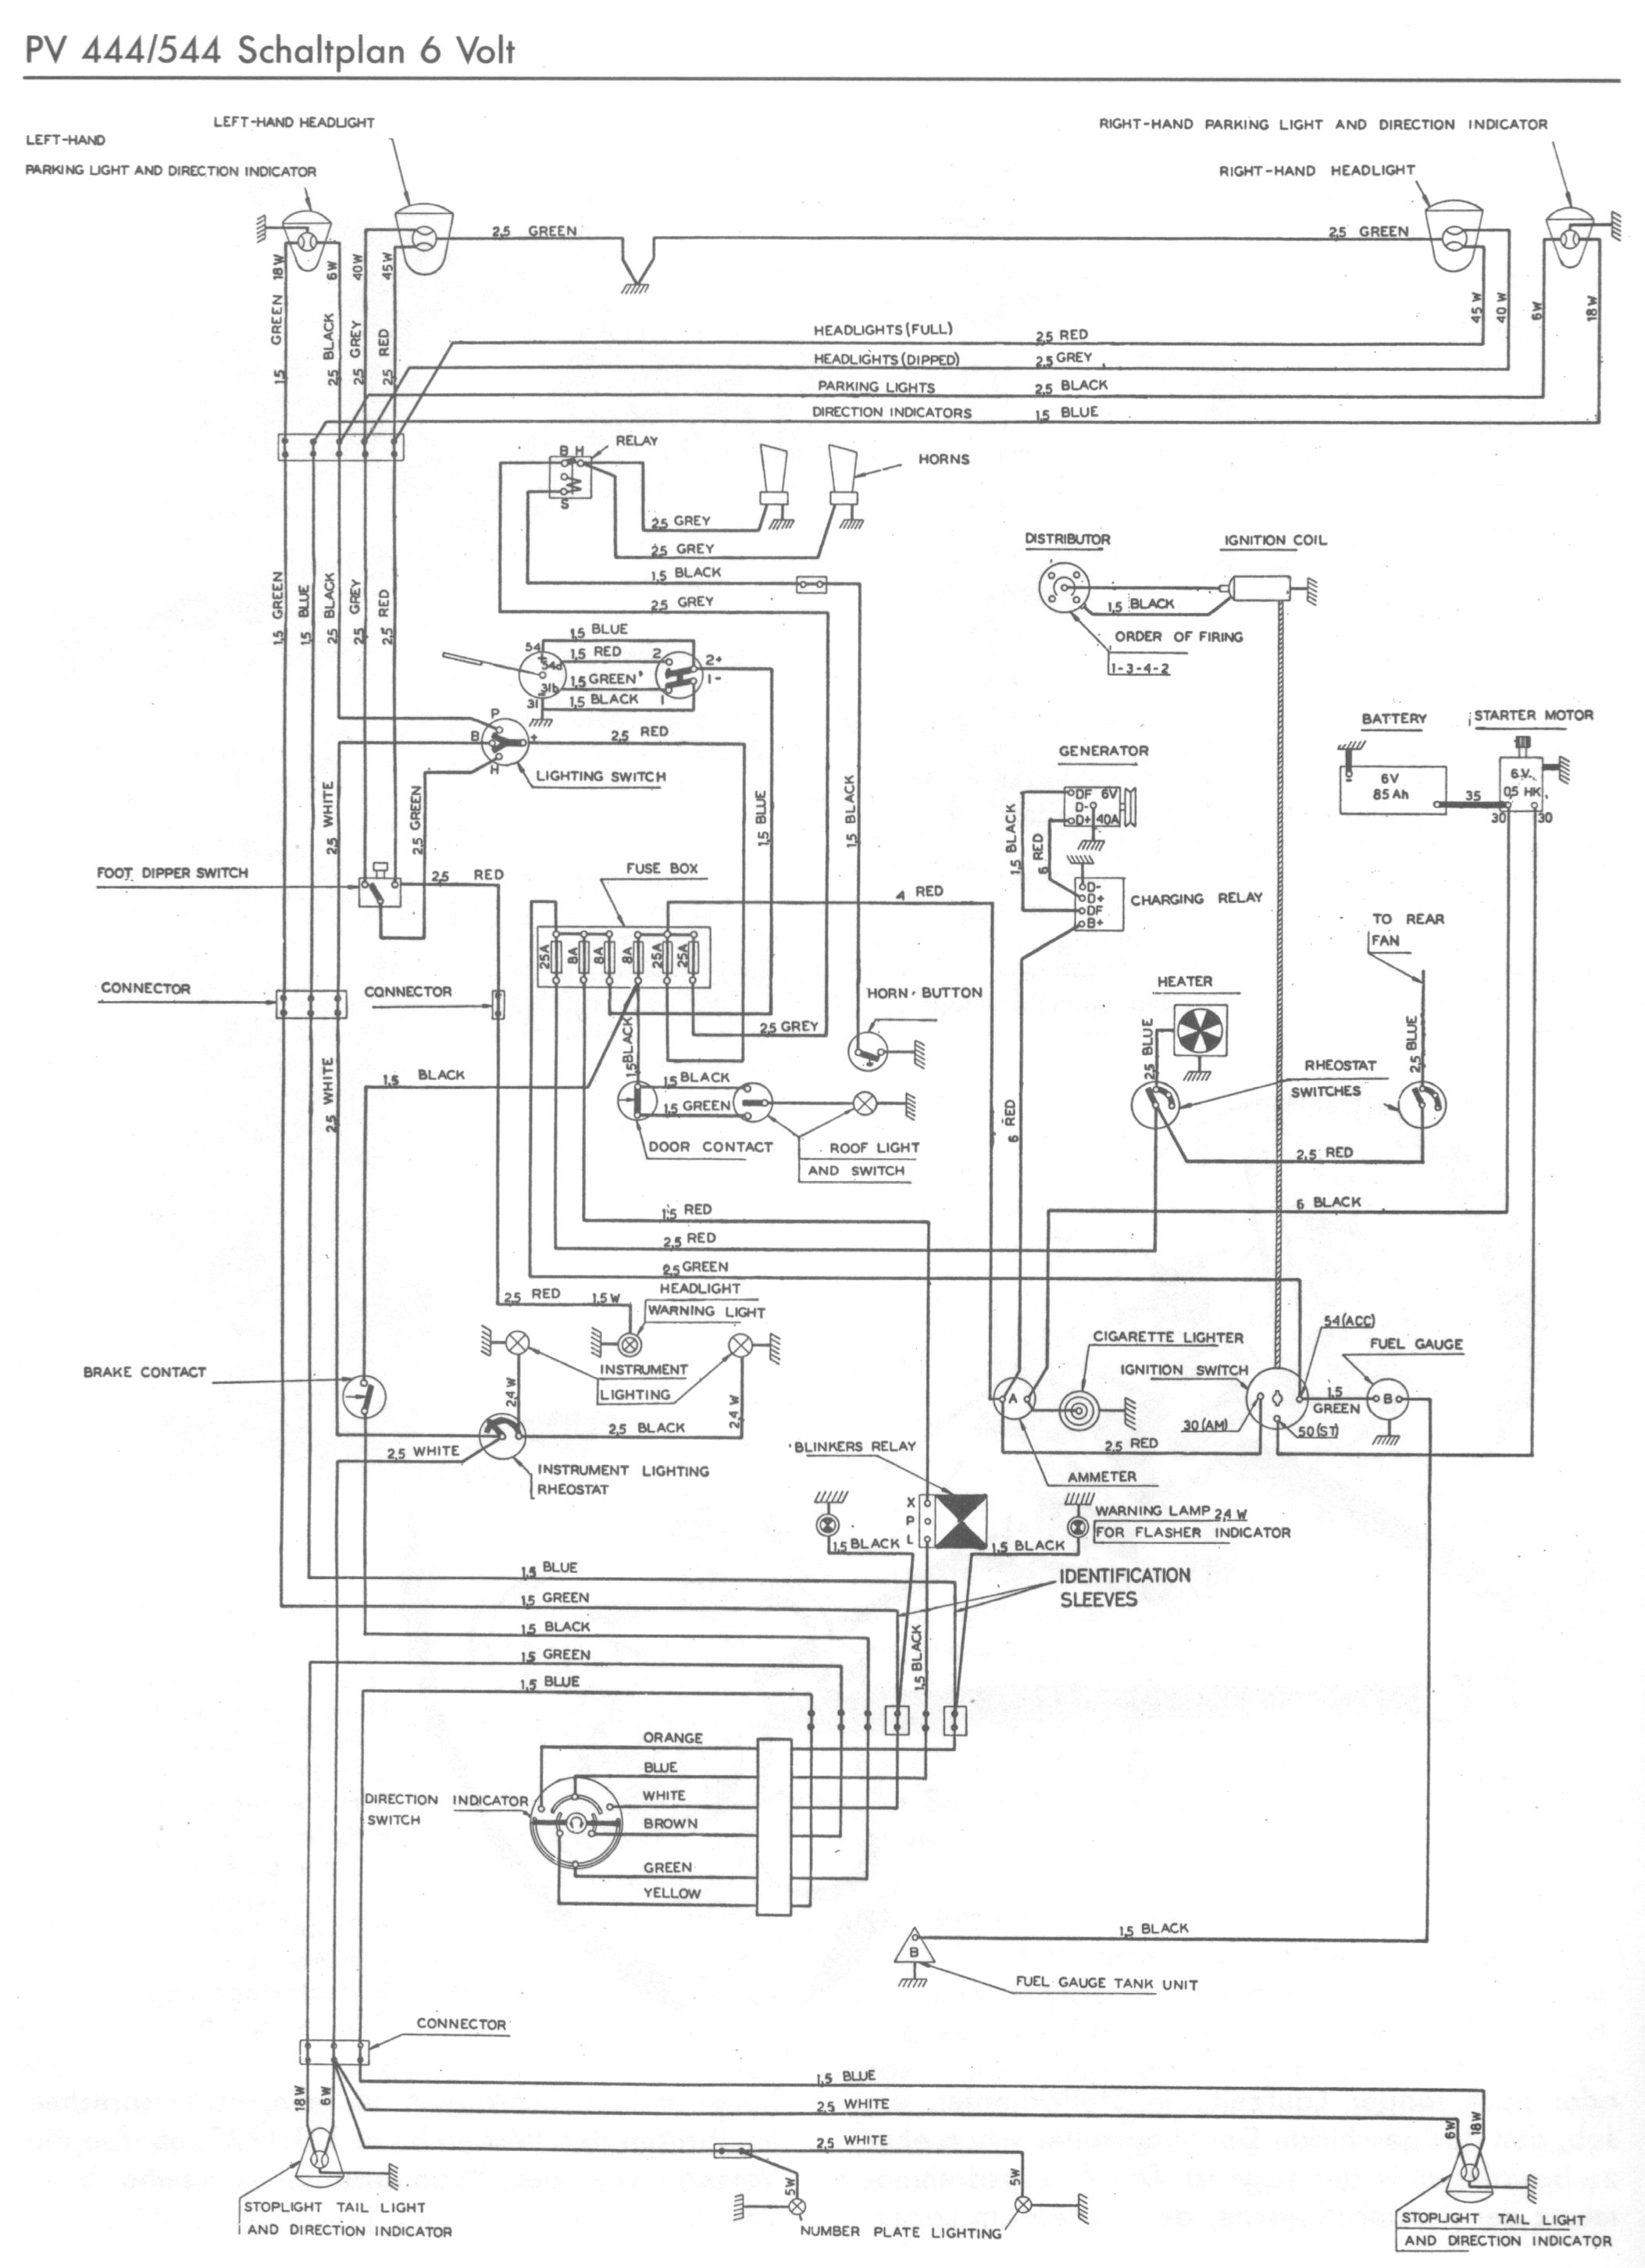 Volvo V70 Relaisbelegung Auto Bild Idee